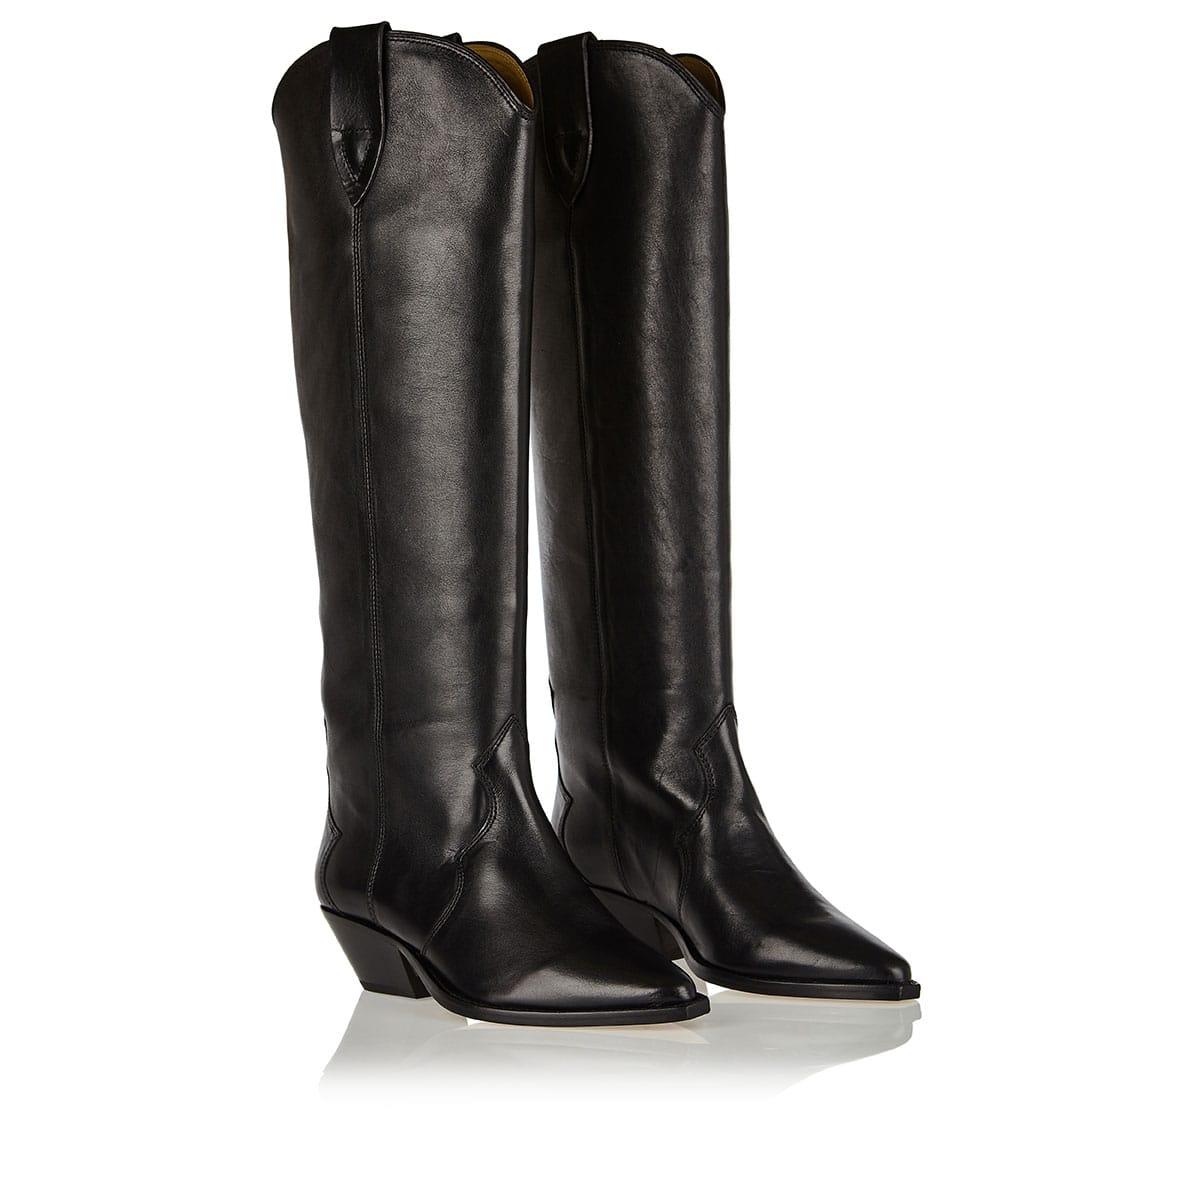 Denvee leather cowboy boots